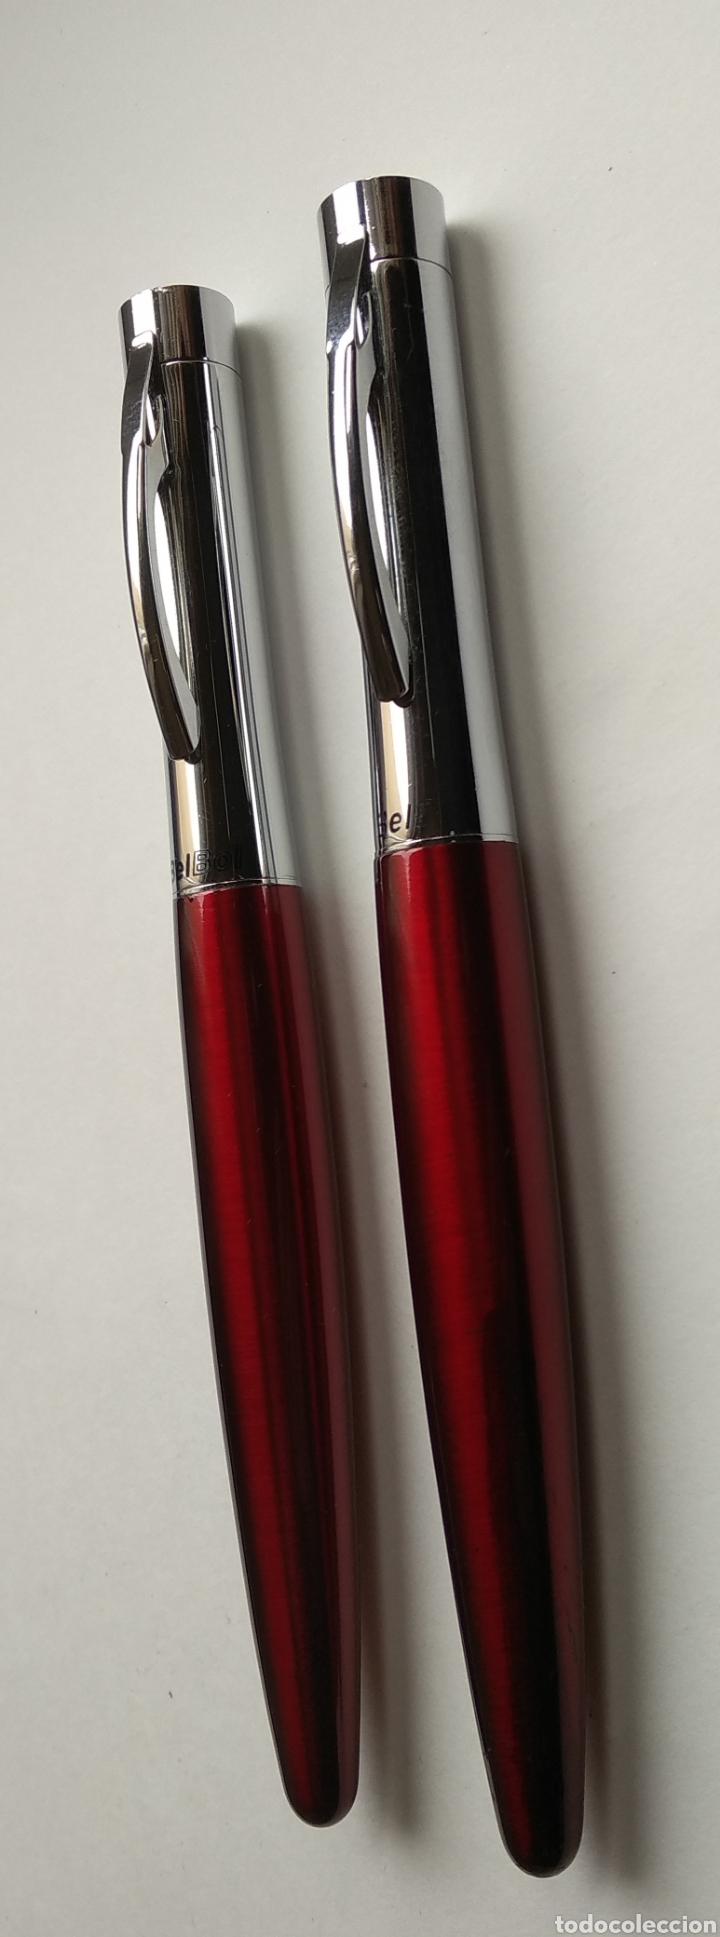 Estilográficas antiguas, bolígrafos y plumas: Pluma y bolígrafo BEL BOL - Foto 3 - 195378048